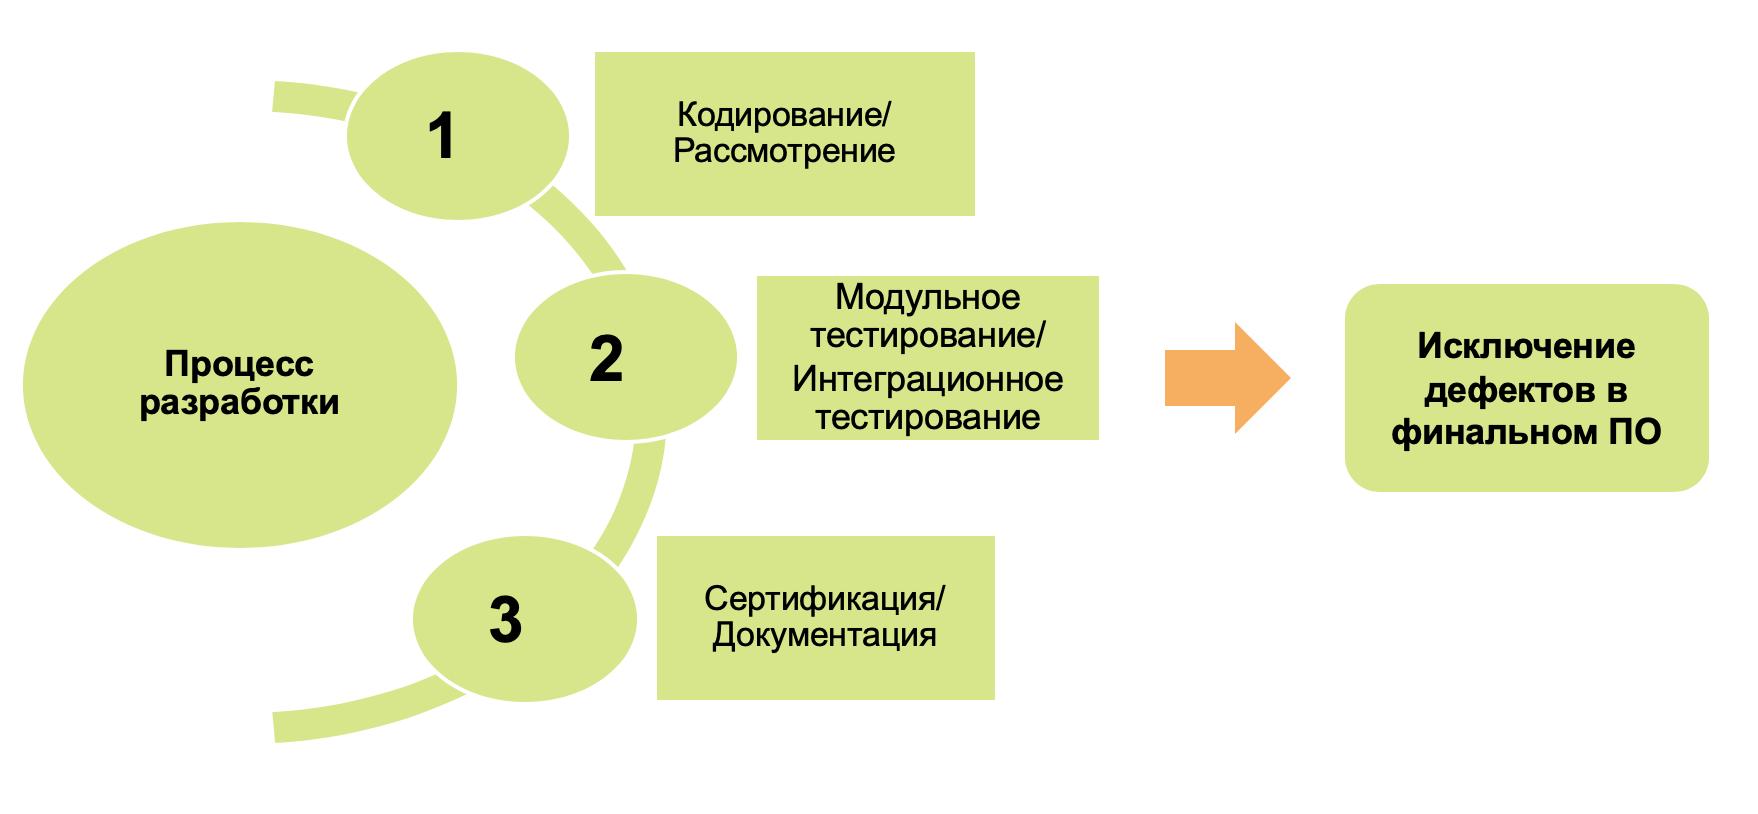 Всесторонний статический анализ с применением продуктов Polyspace